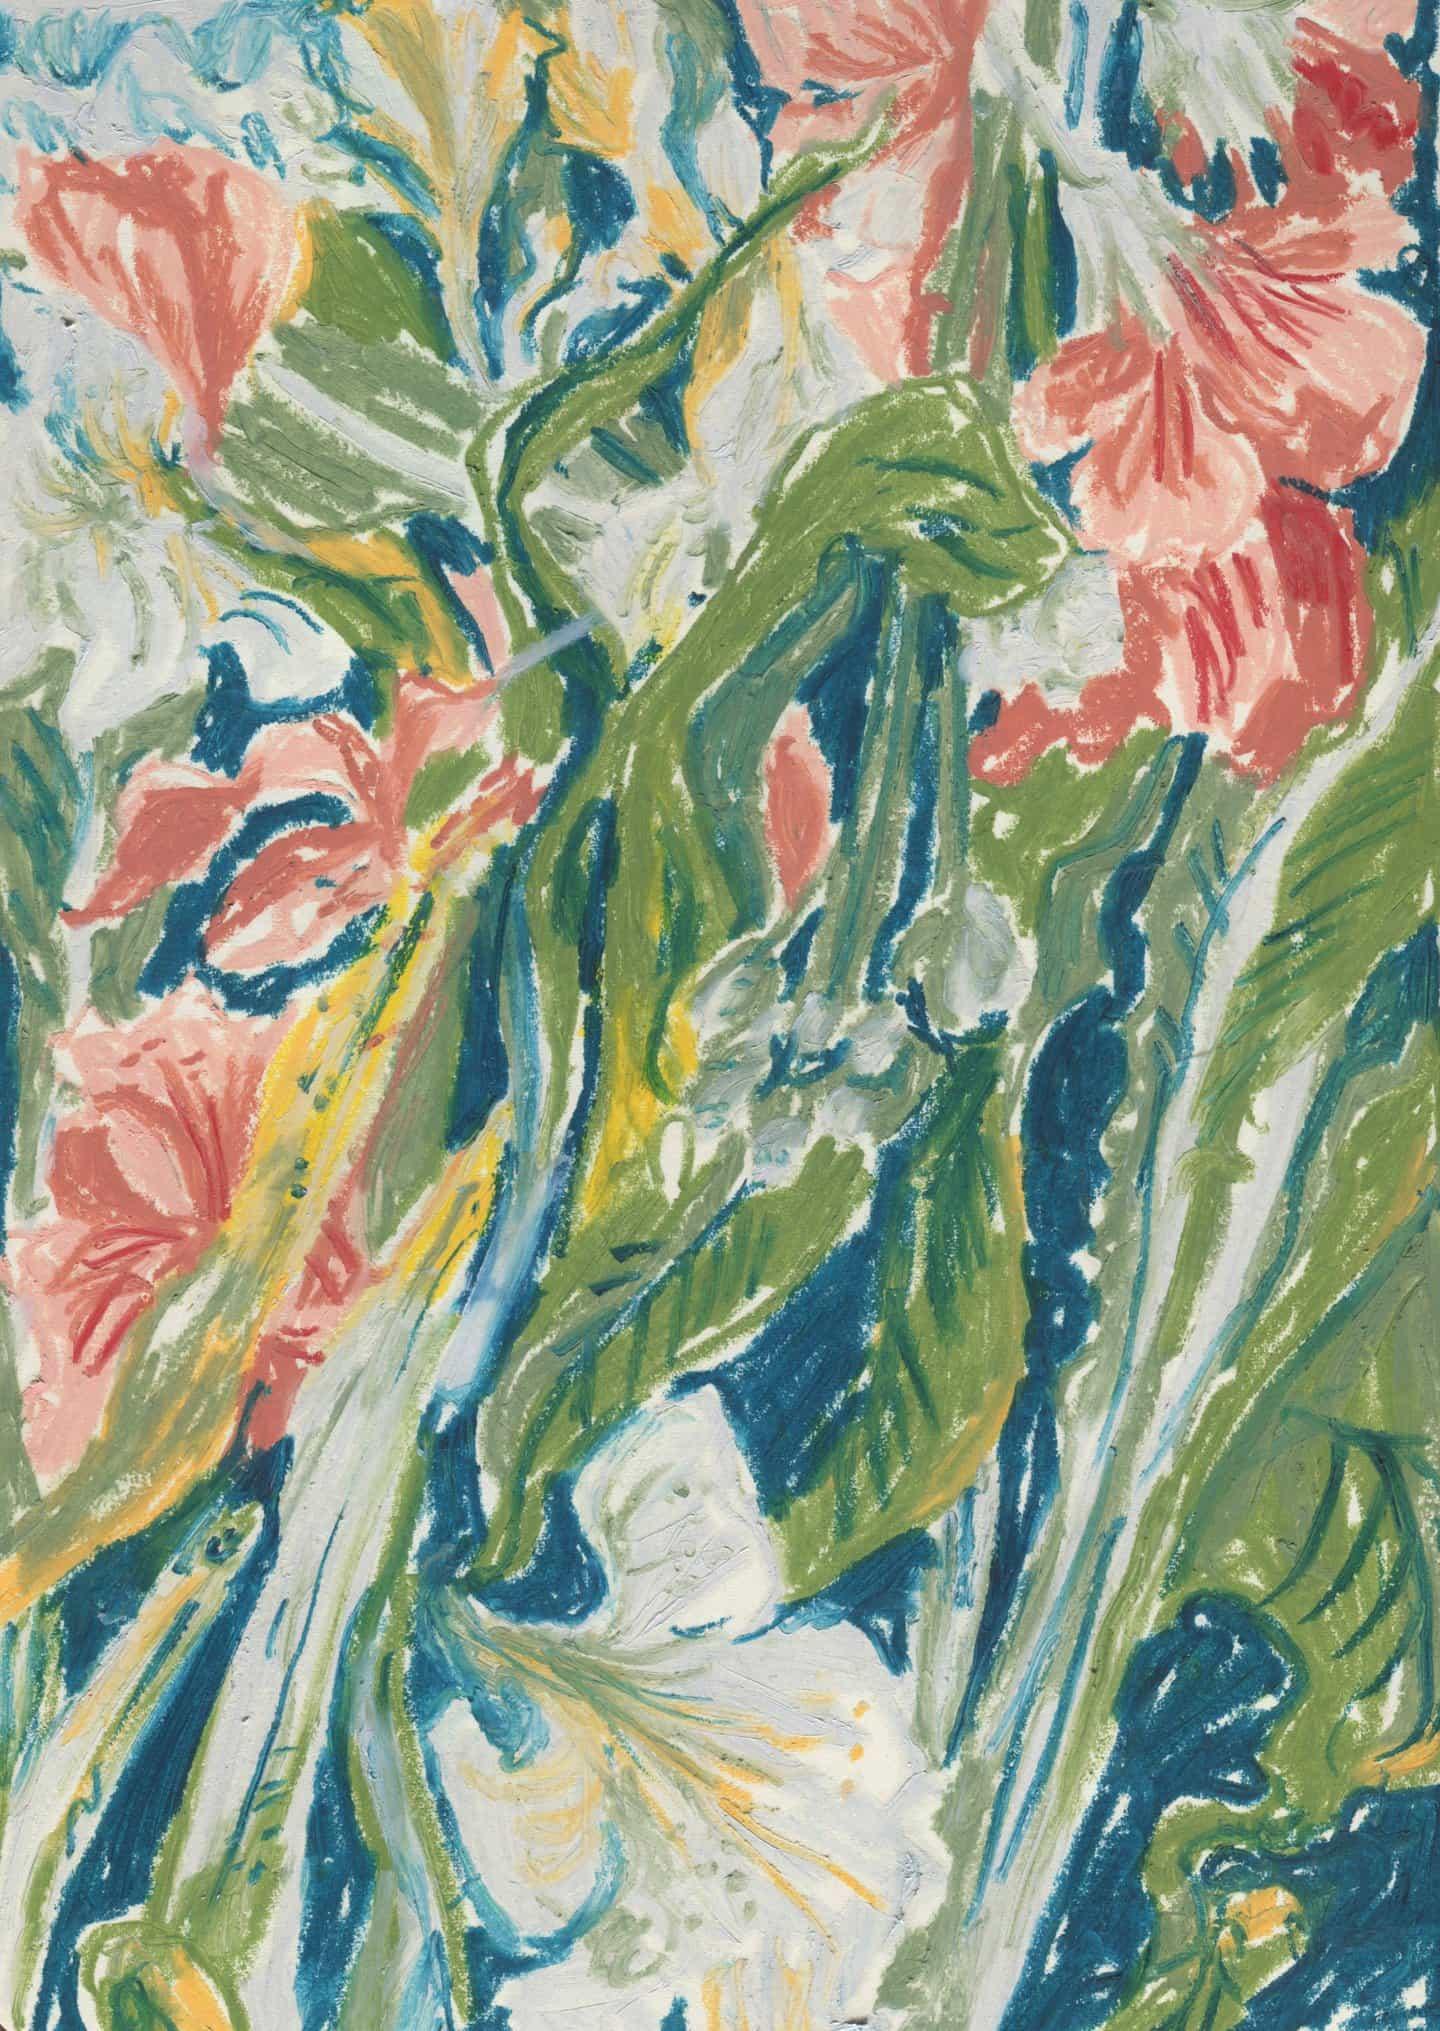 Molley Mayo: Floral con blanco (Copyright © Molley May, 2020)